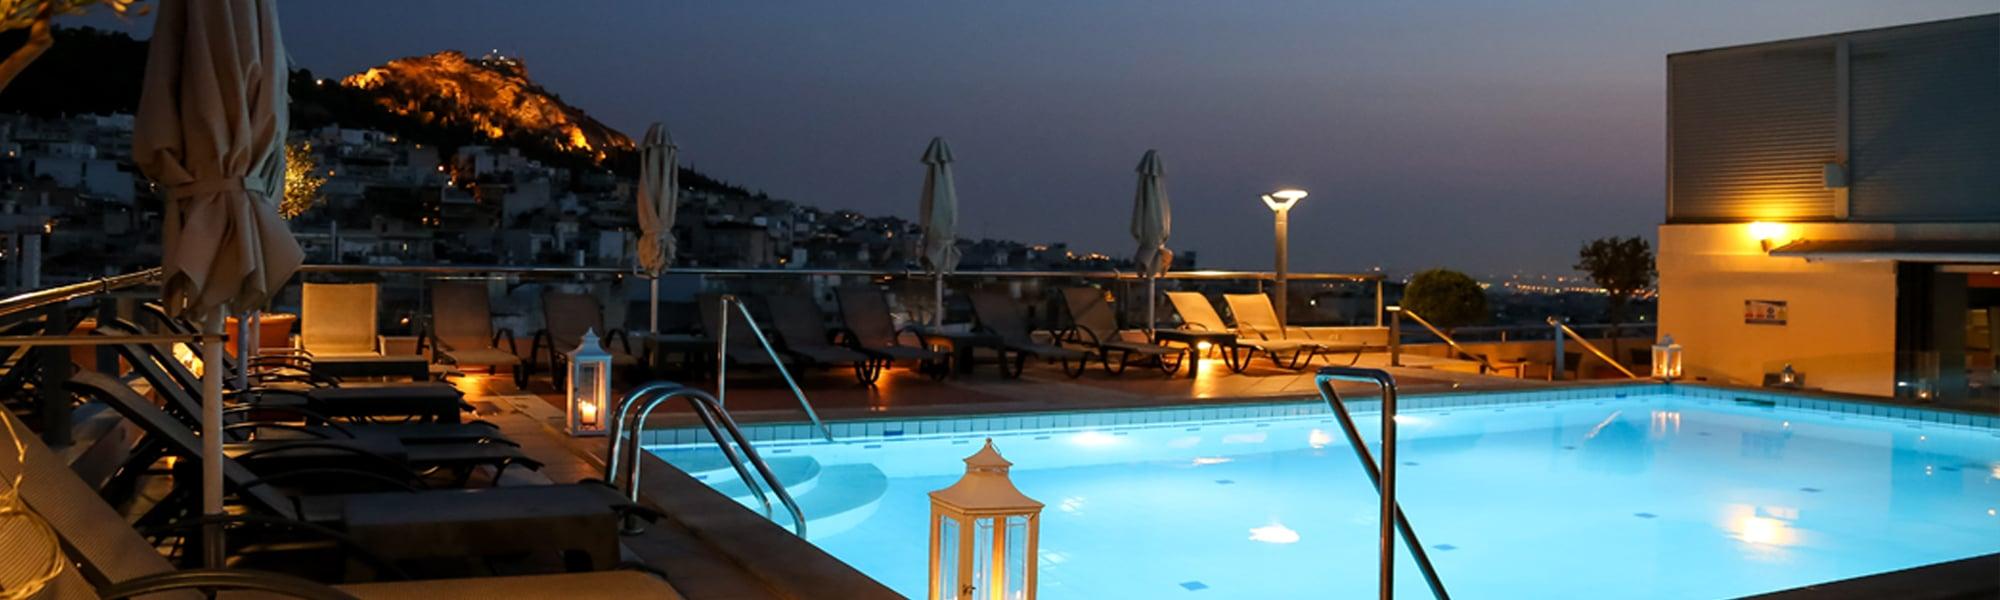 81694e1350 Athens Zafolia Hotel